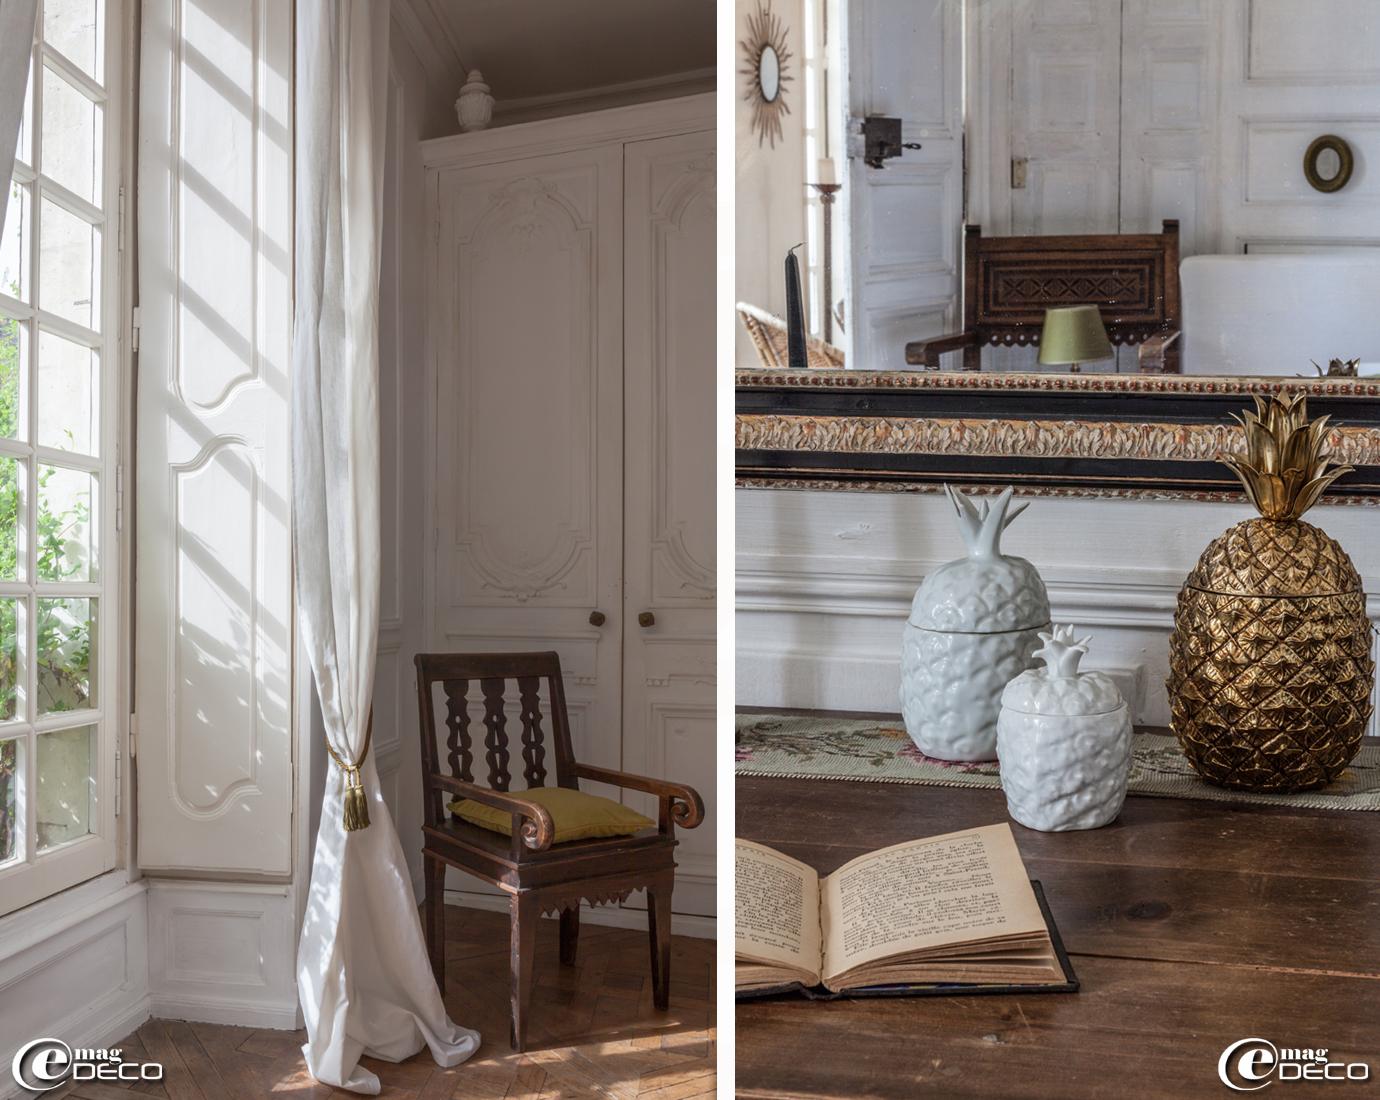 Ananas doré et en porcelaine blanche (porte-glaçons) chinés dans les vides-greniers